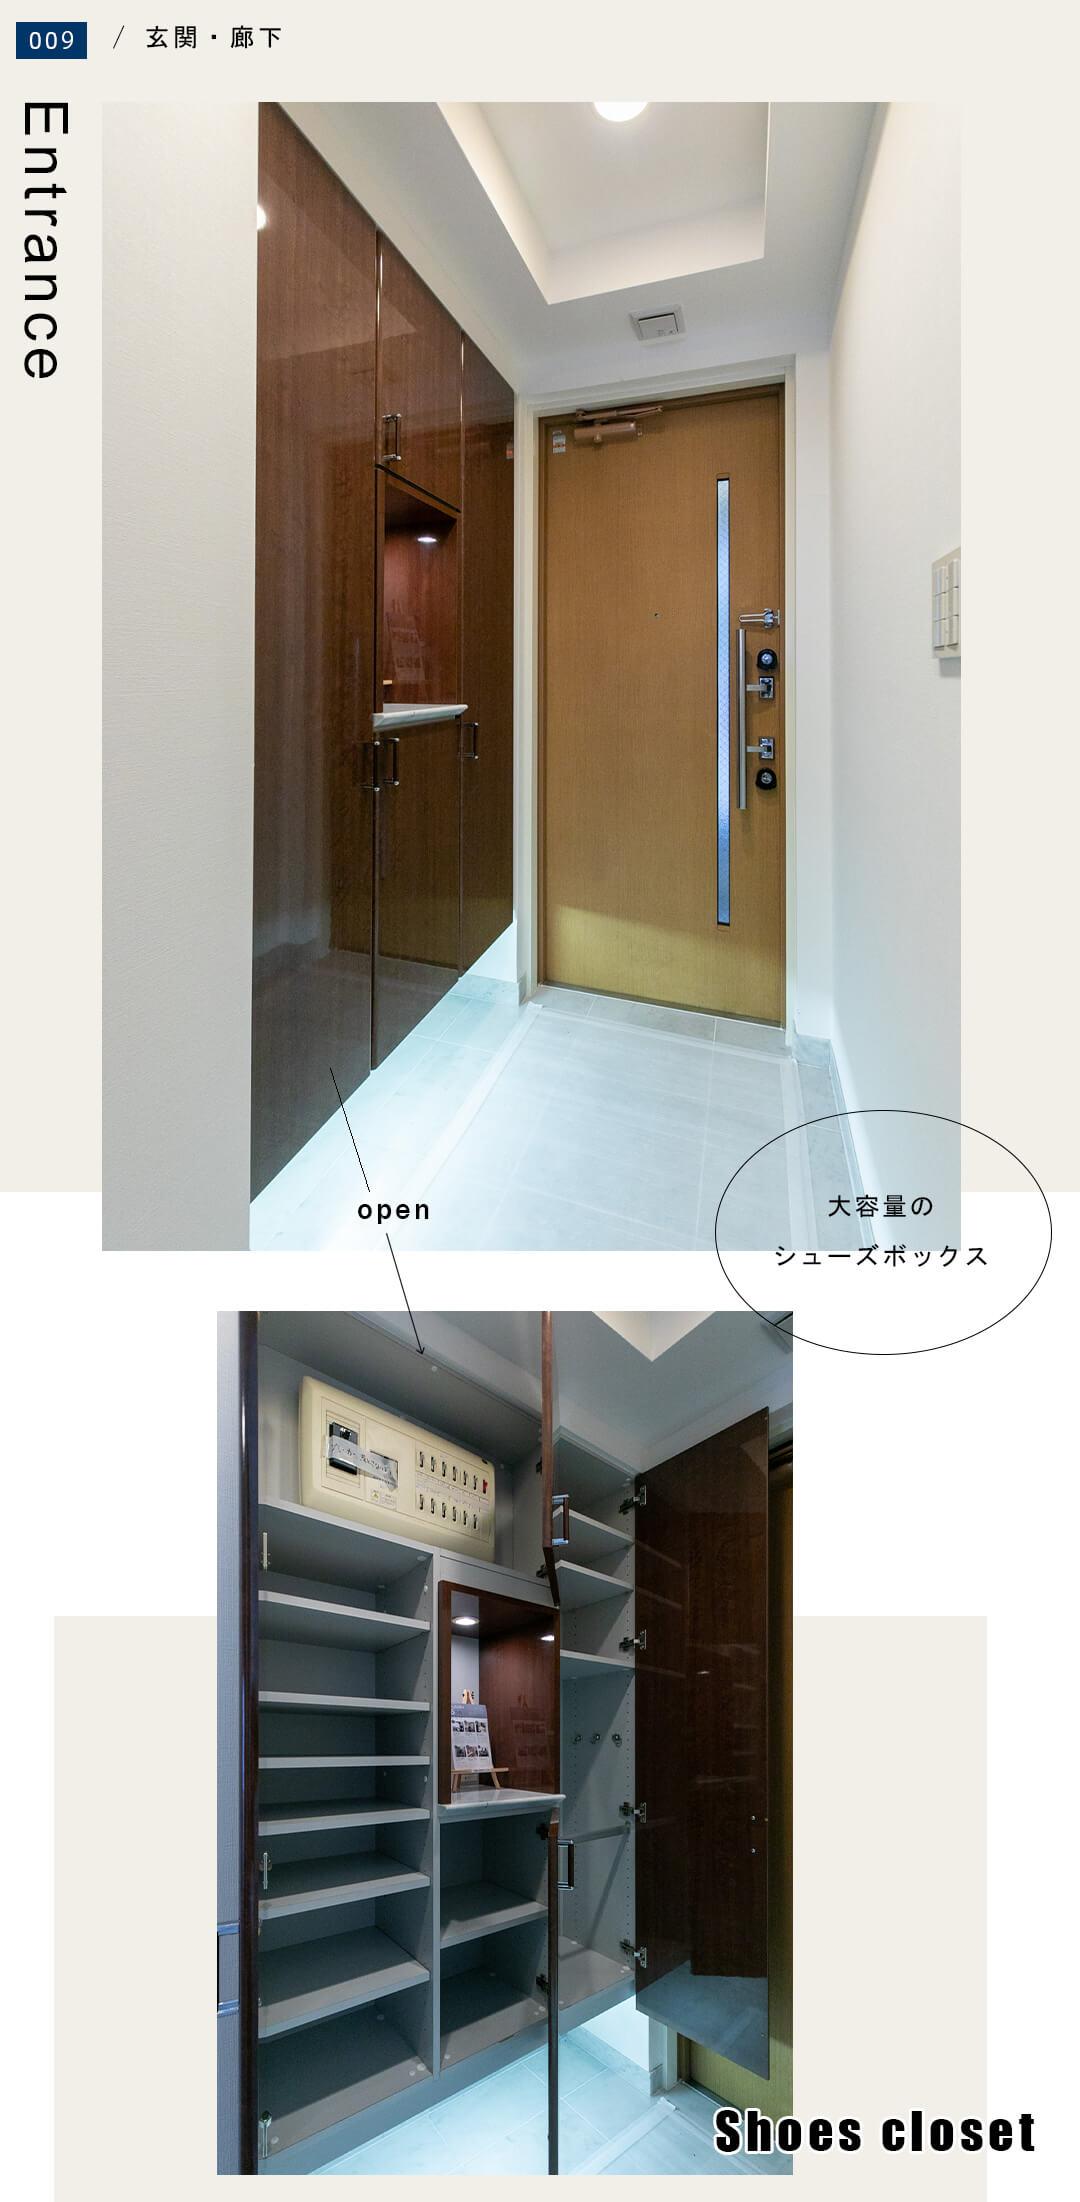 009玄関,廊下,Entrance